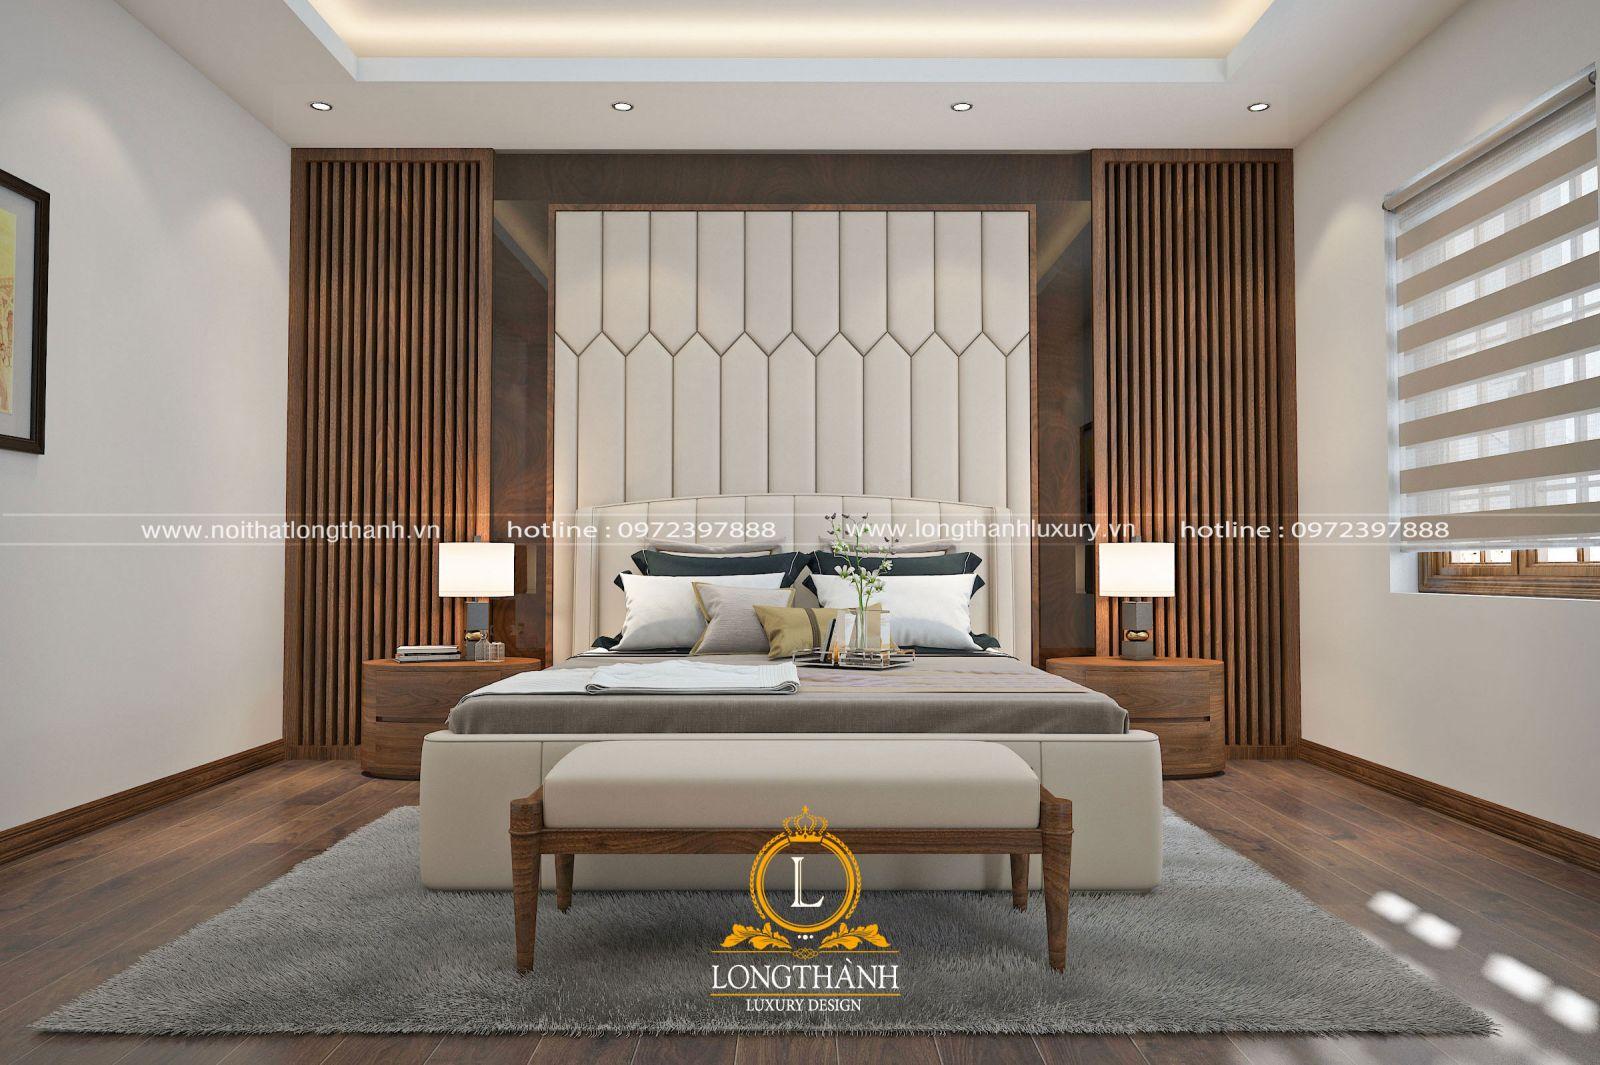 Với không gian rộng giúp việc bài trí phòng ngủ hiện đại thêm thoáng đãng